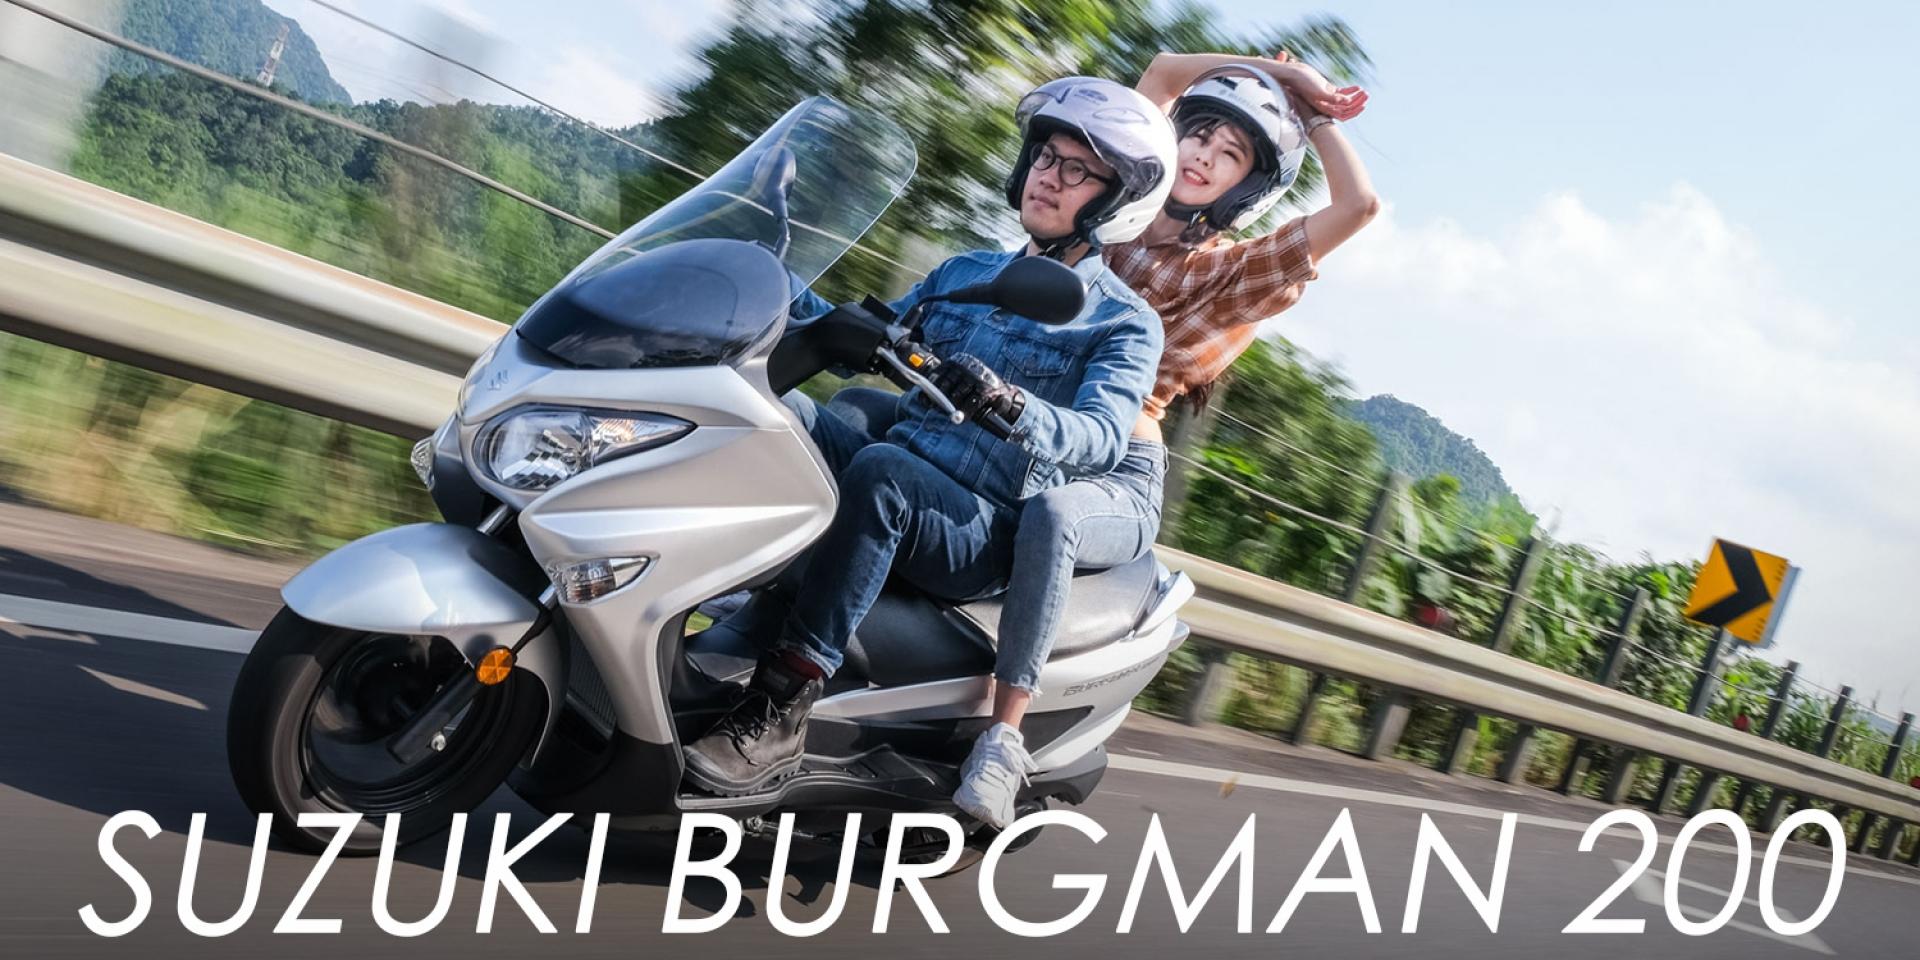 小漢堡的蹺班小旅行!SUZUKI BURGMAN 200